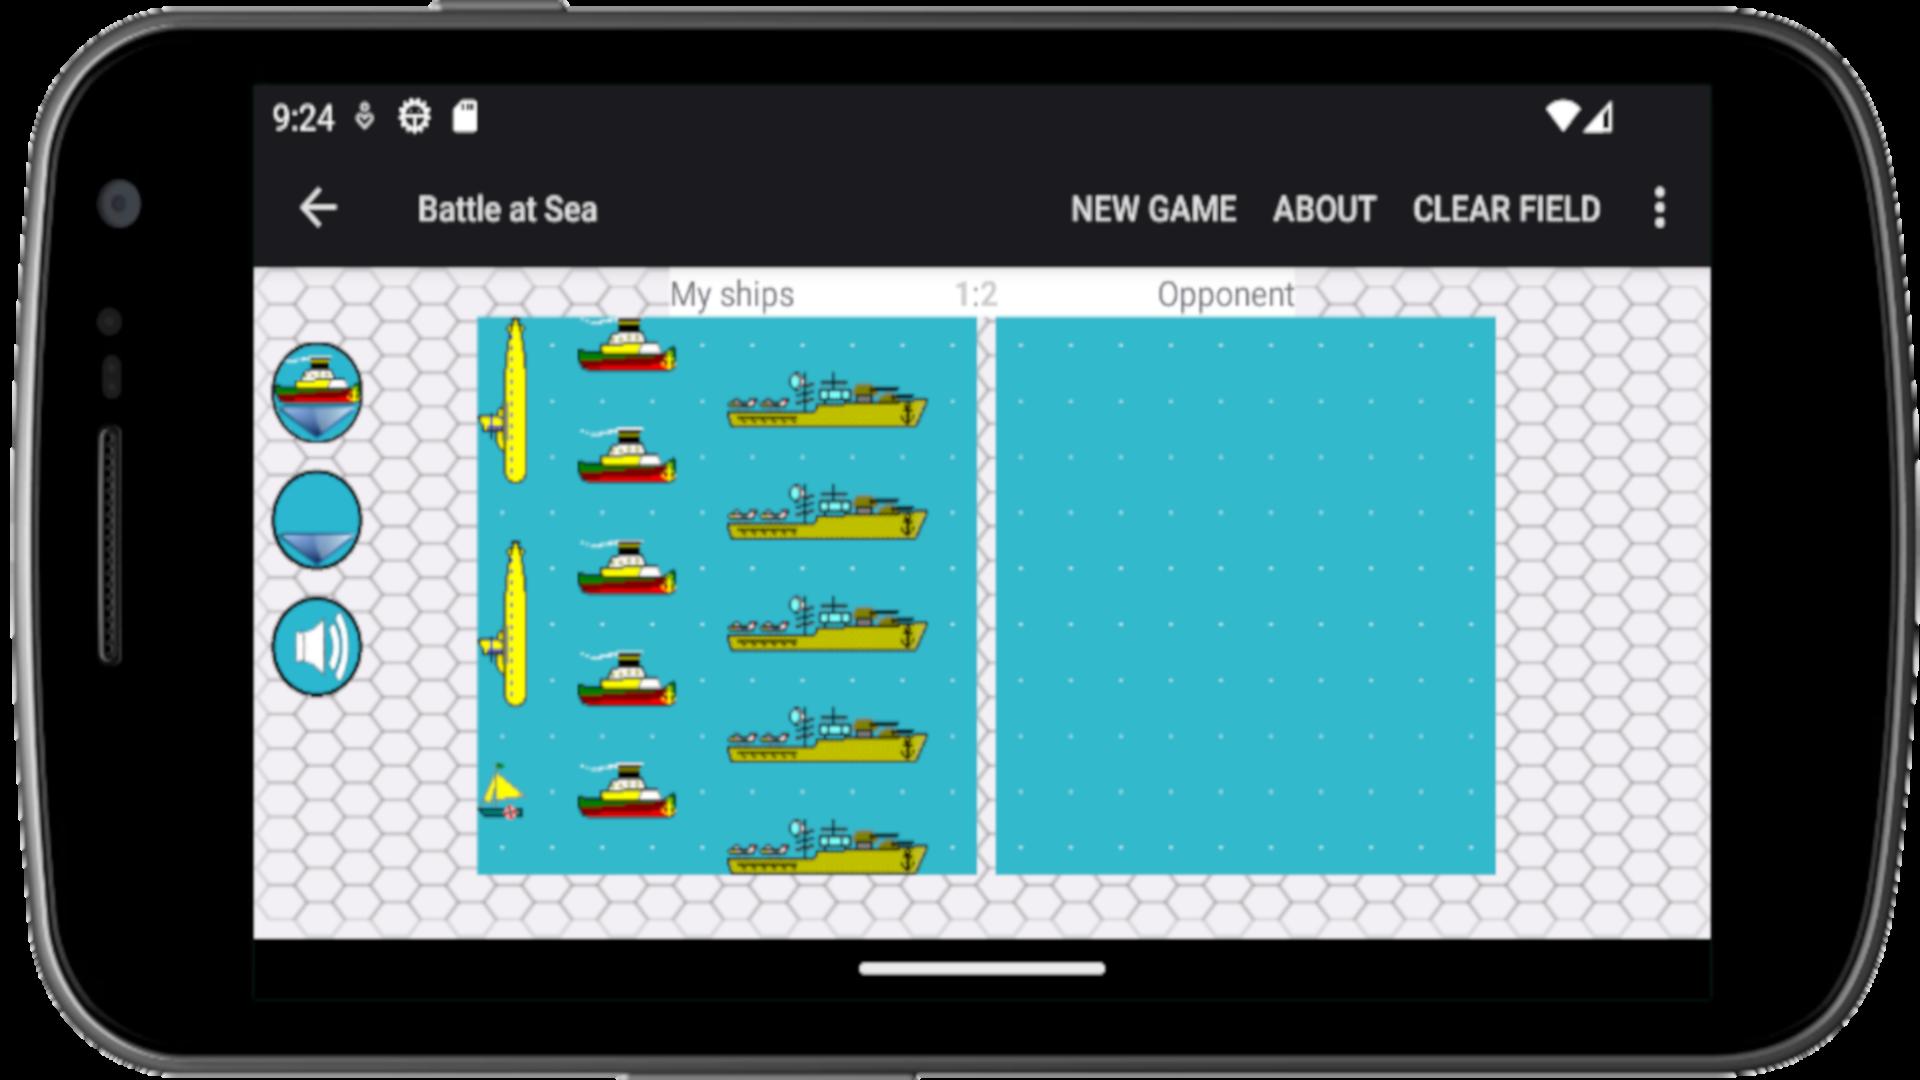 Морской бой 2 на андроид скачать бесплатно apk